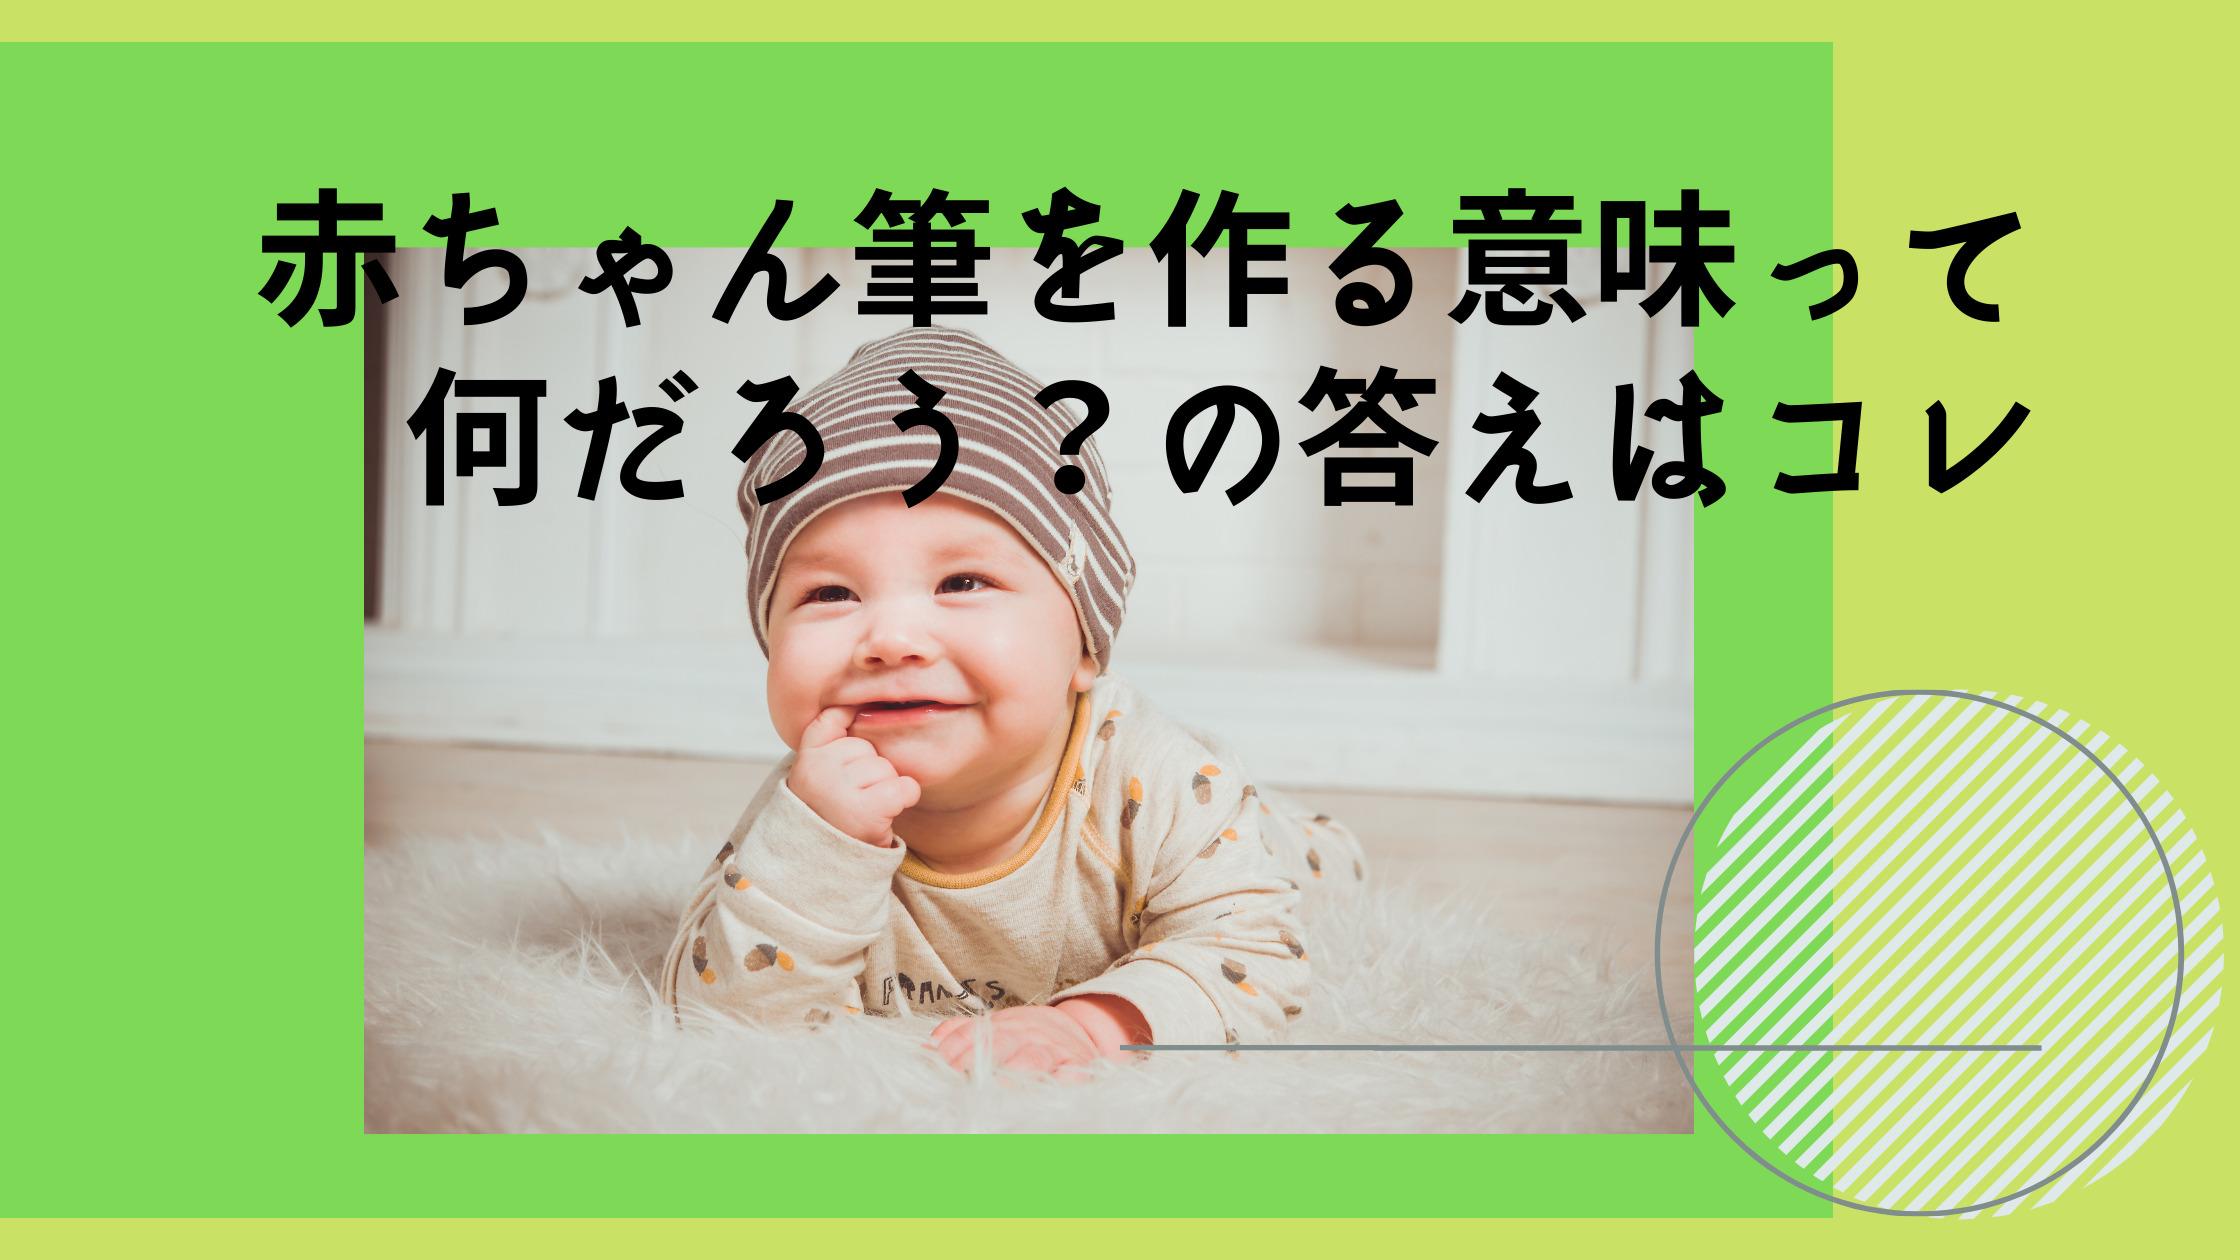 赤ちゃん筆意味赤キャッチ